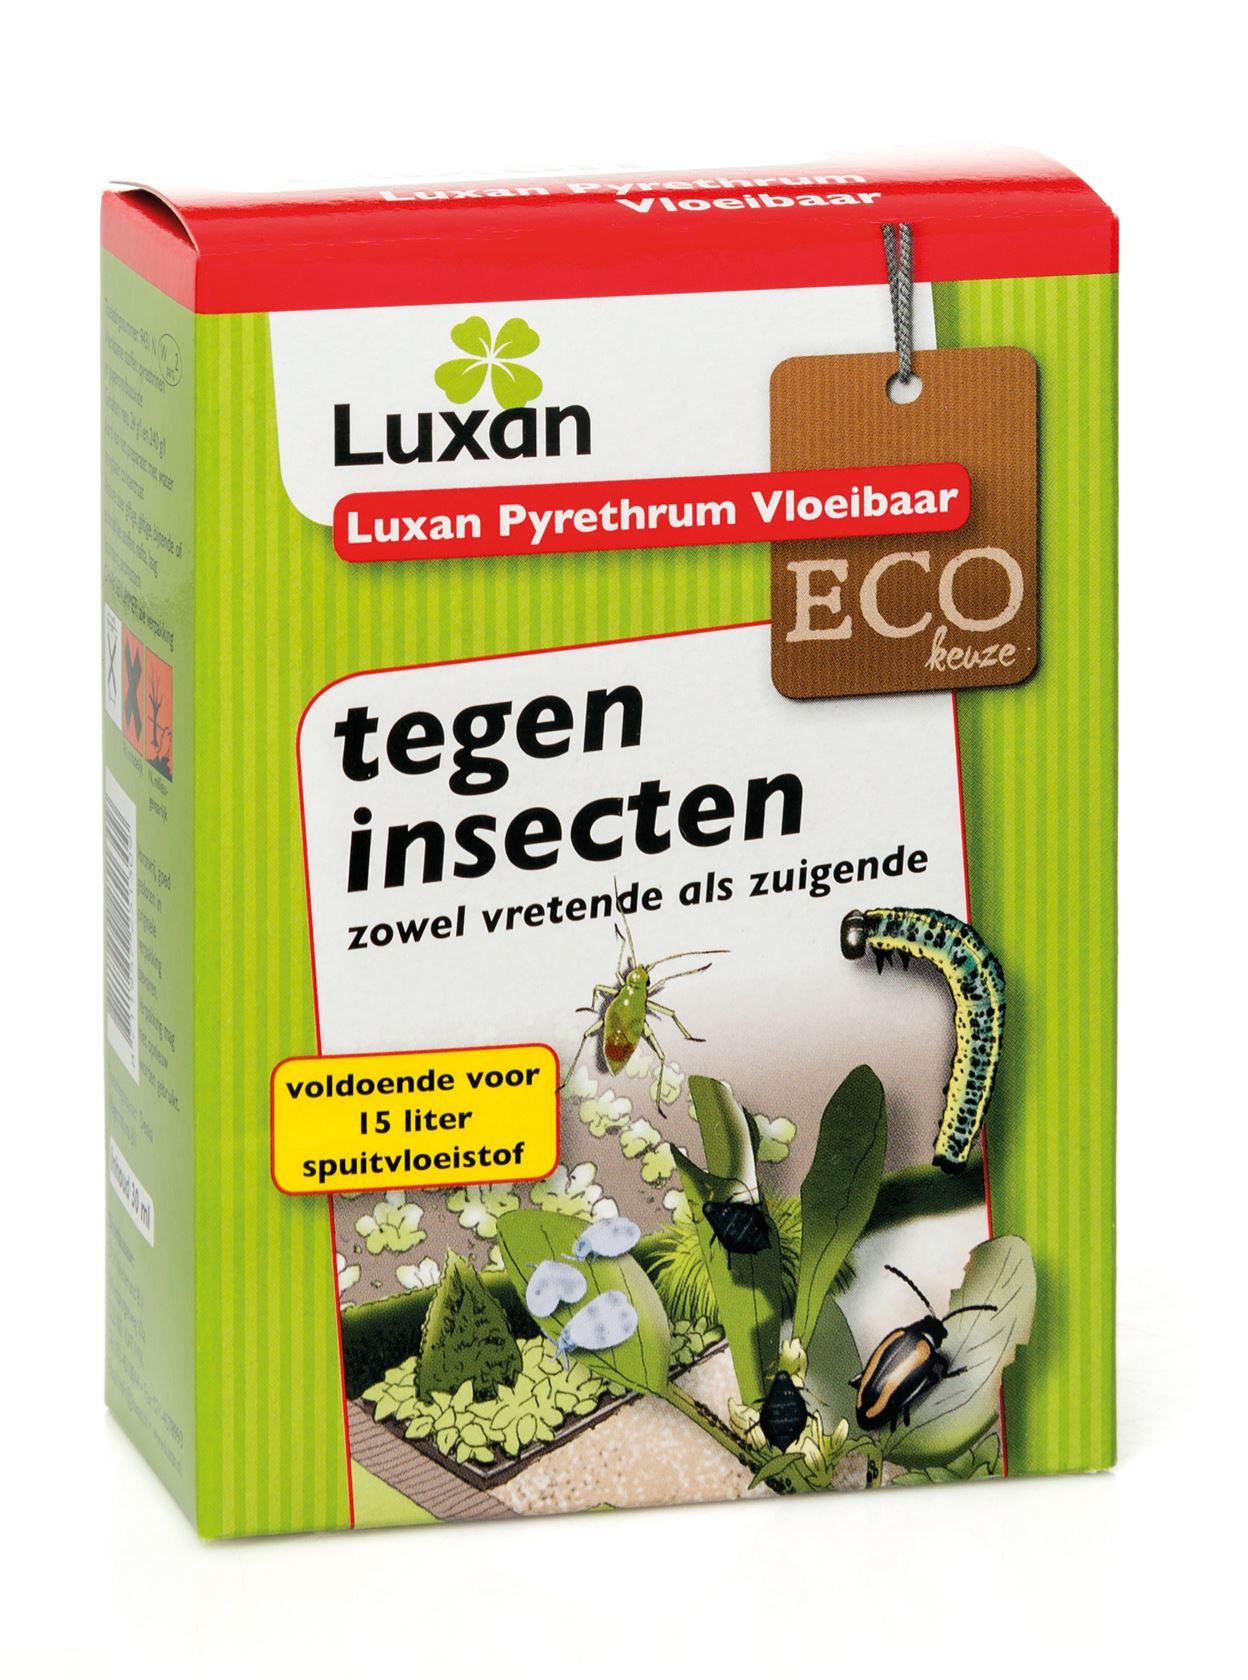 Luxan-pyrethrum-vloeibaar-30-ml-tegen-vele-insecten